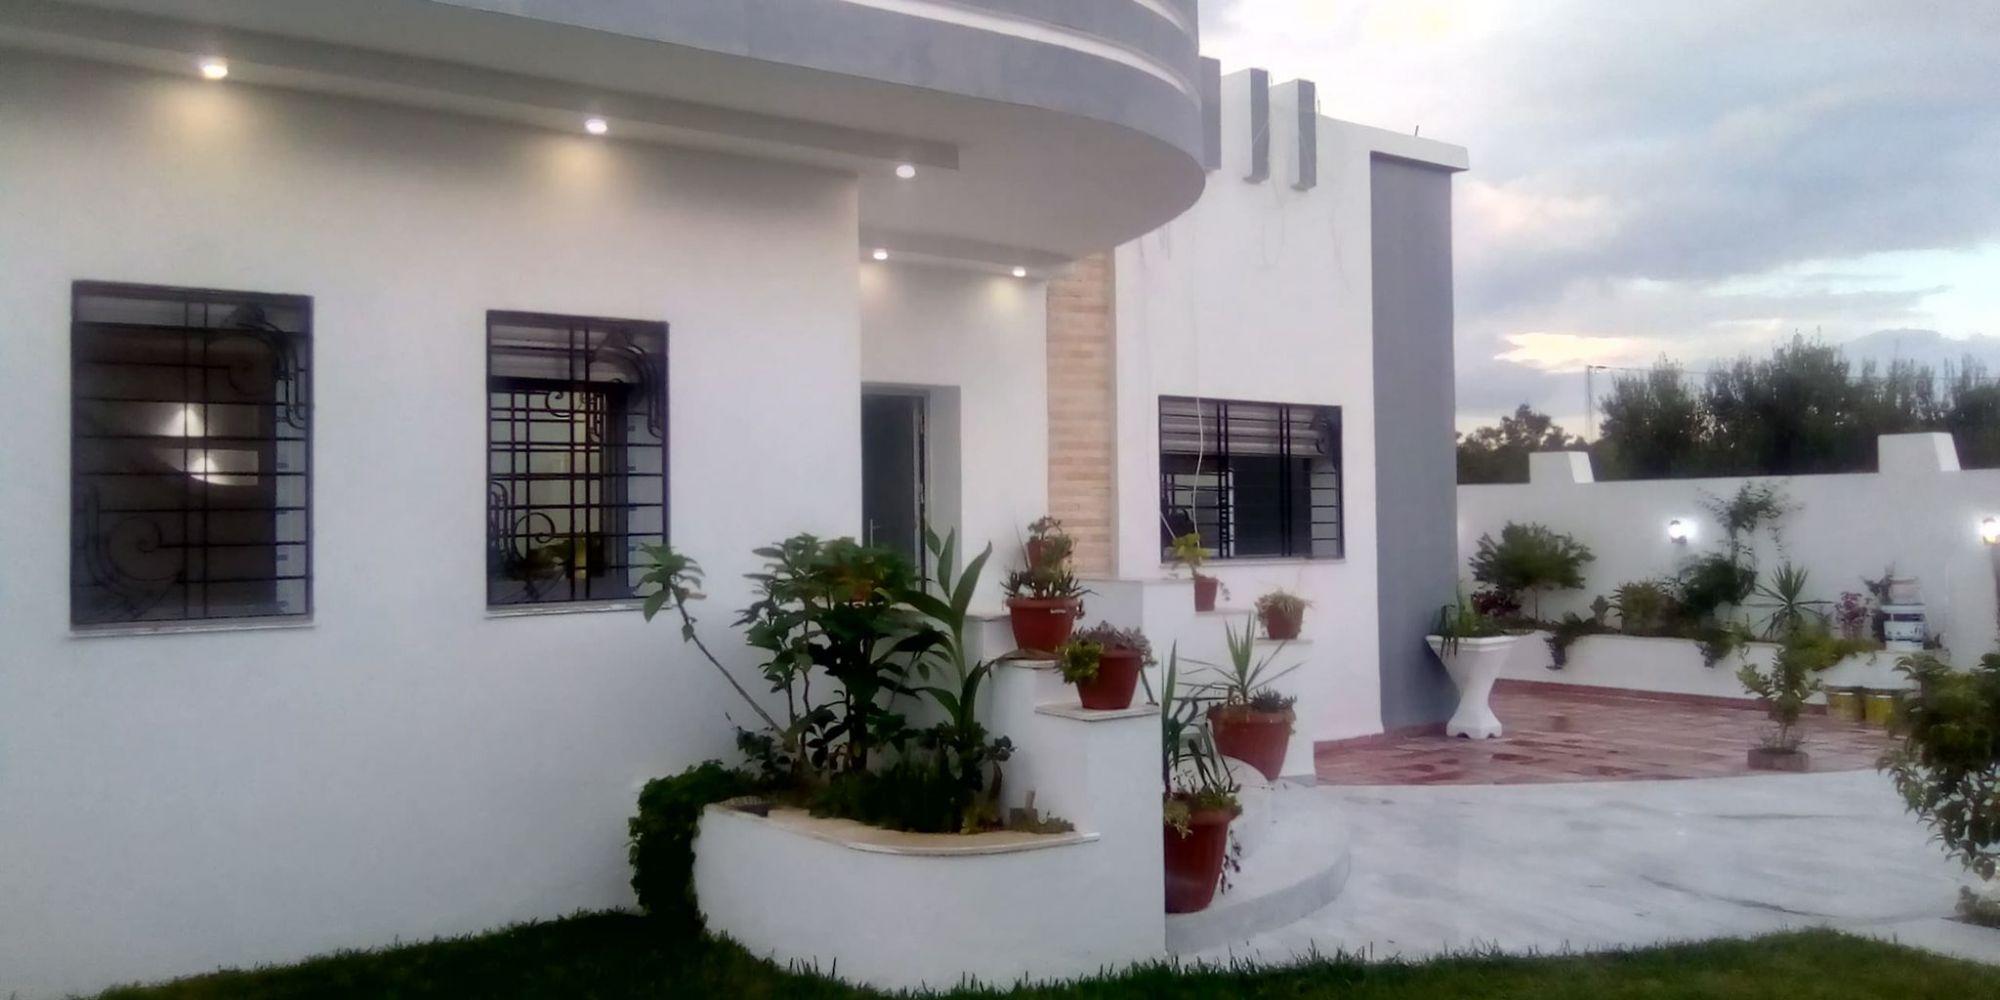 A vendre une belle villa jamais habitée profitez